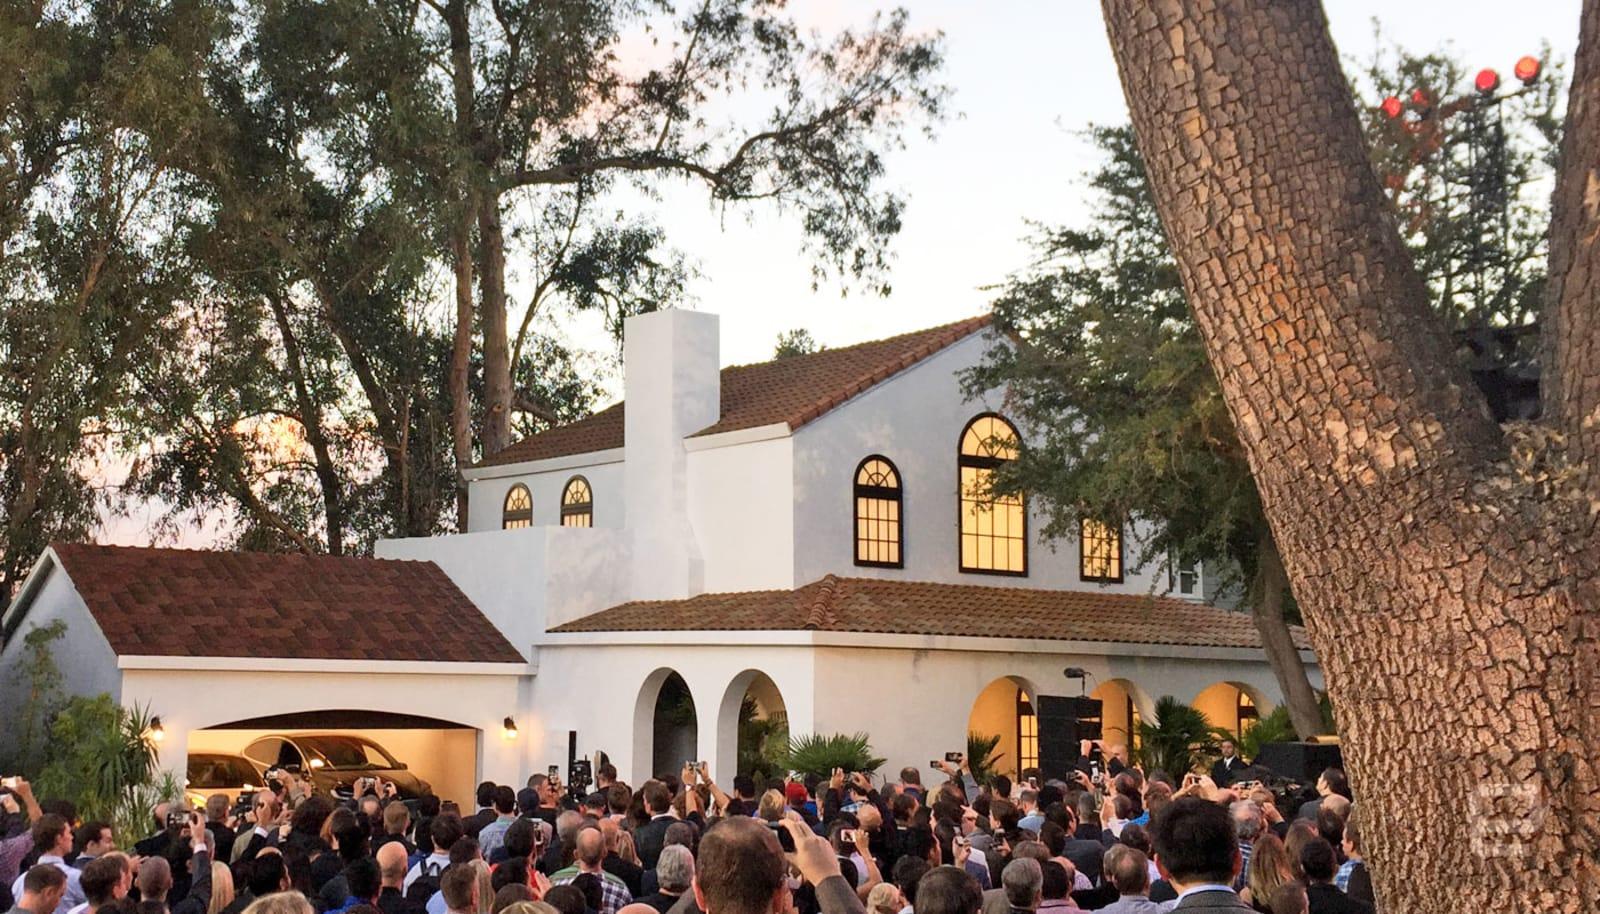 Tesla ends SolarCity's door-to-door sales pitches